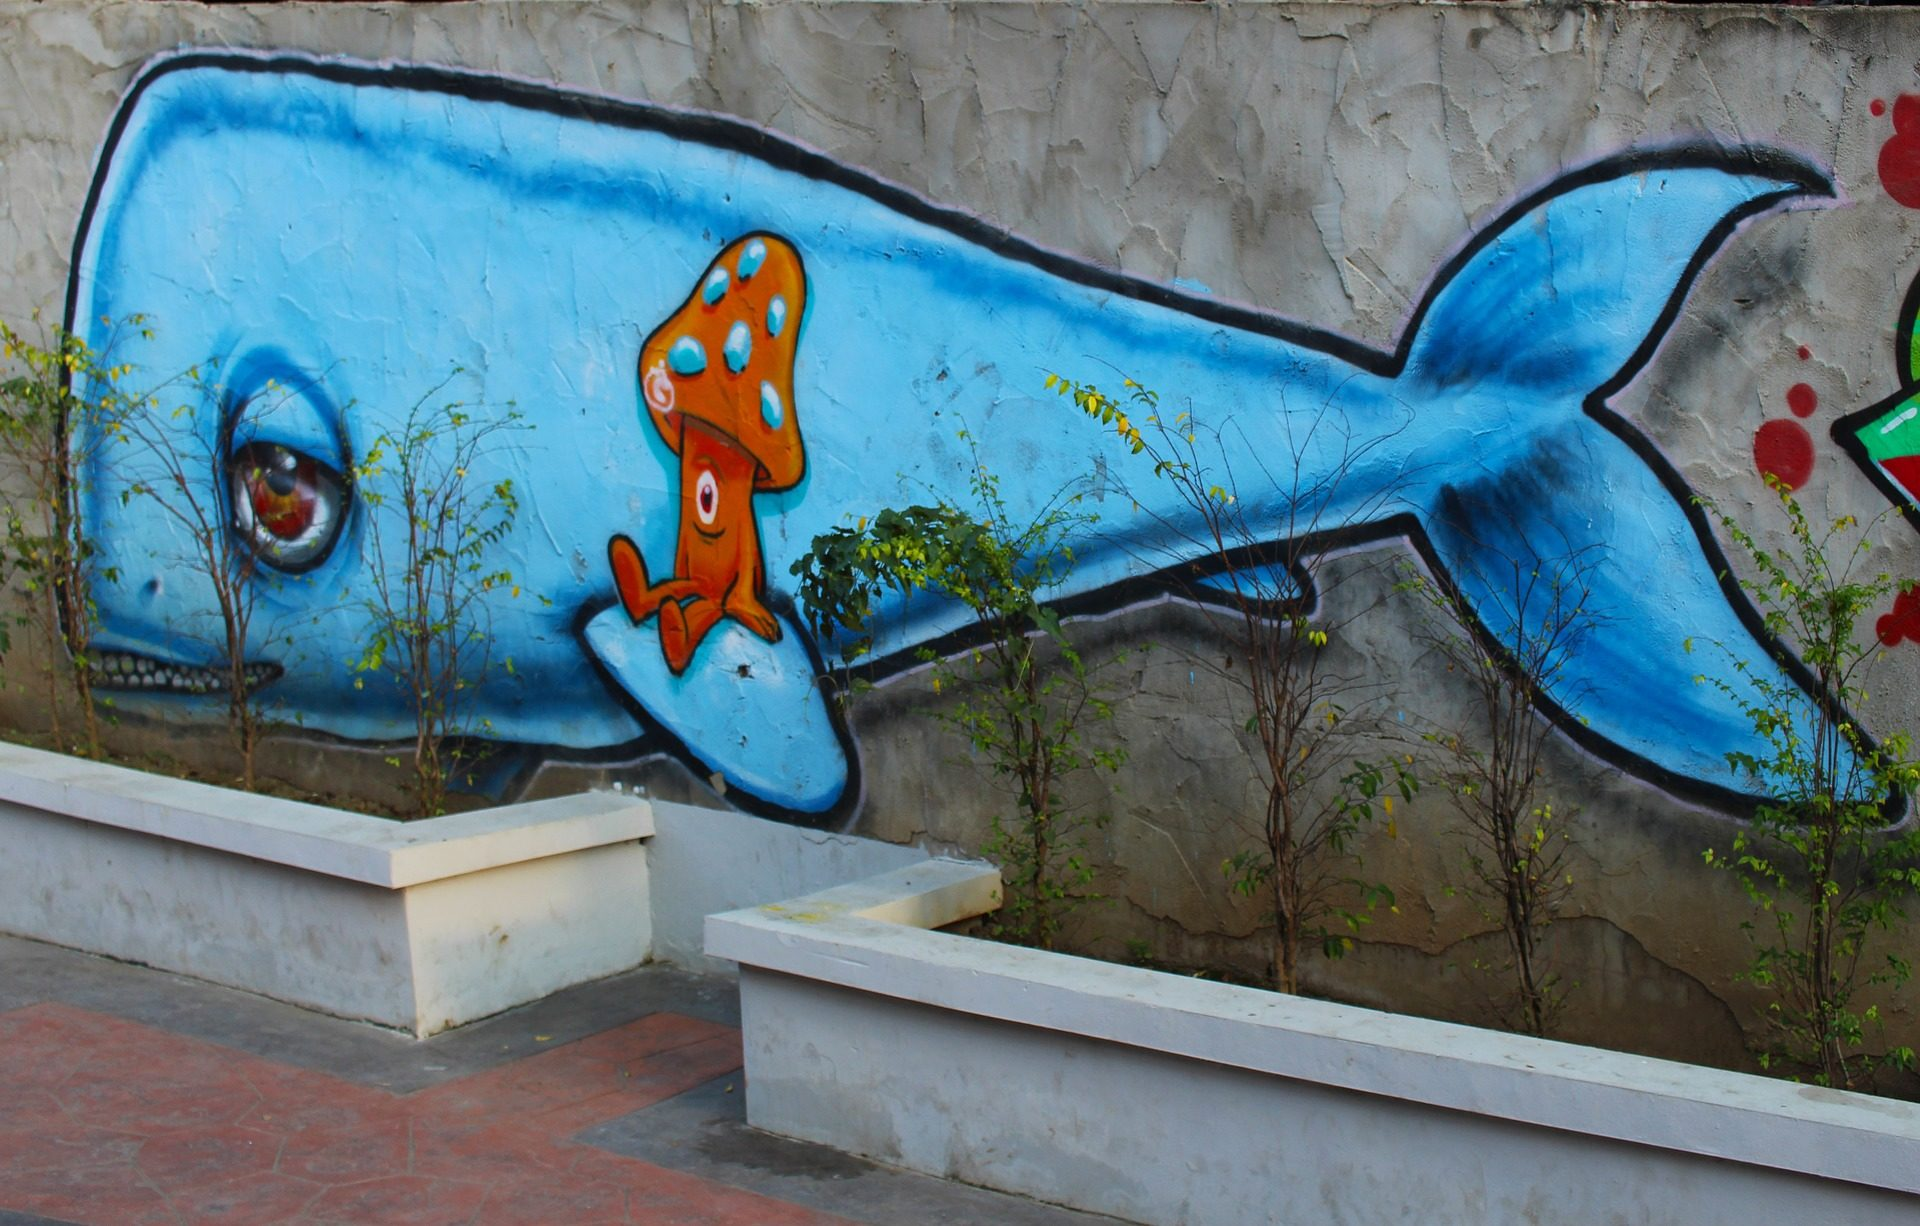 Fondo de pantalla de grafiti pintura pared ballena - Pintura de pared ...